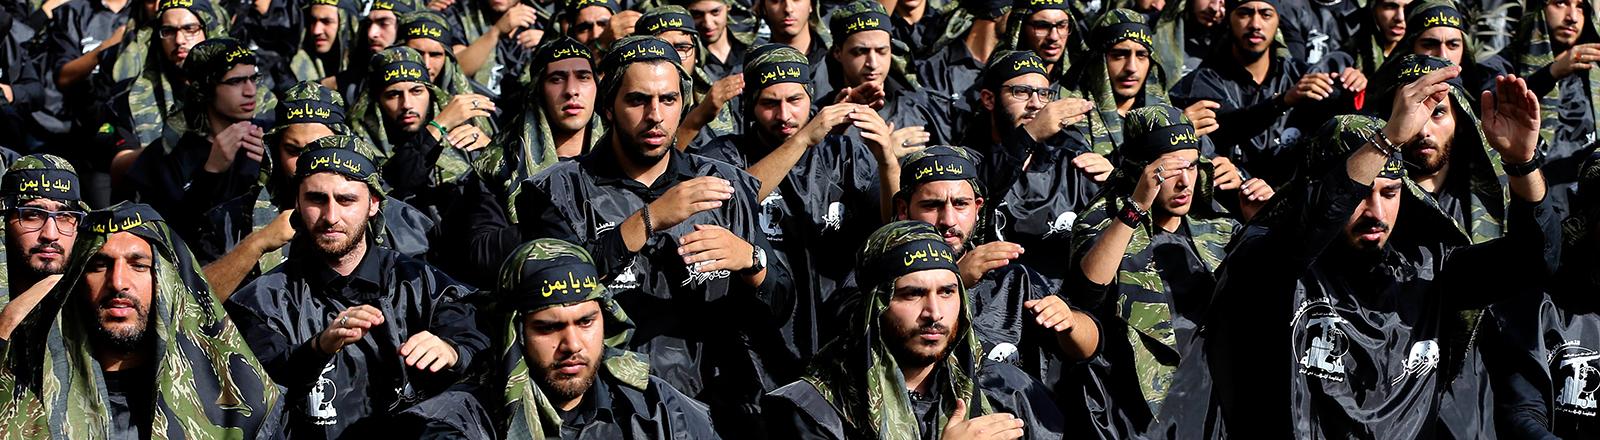 Mitglieder der schiitischen Miliz Hisbollah nehmen bei einem Marsch durch Beirut in Libanon teil (12.10.2016)